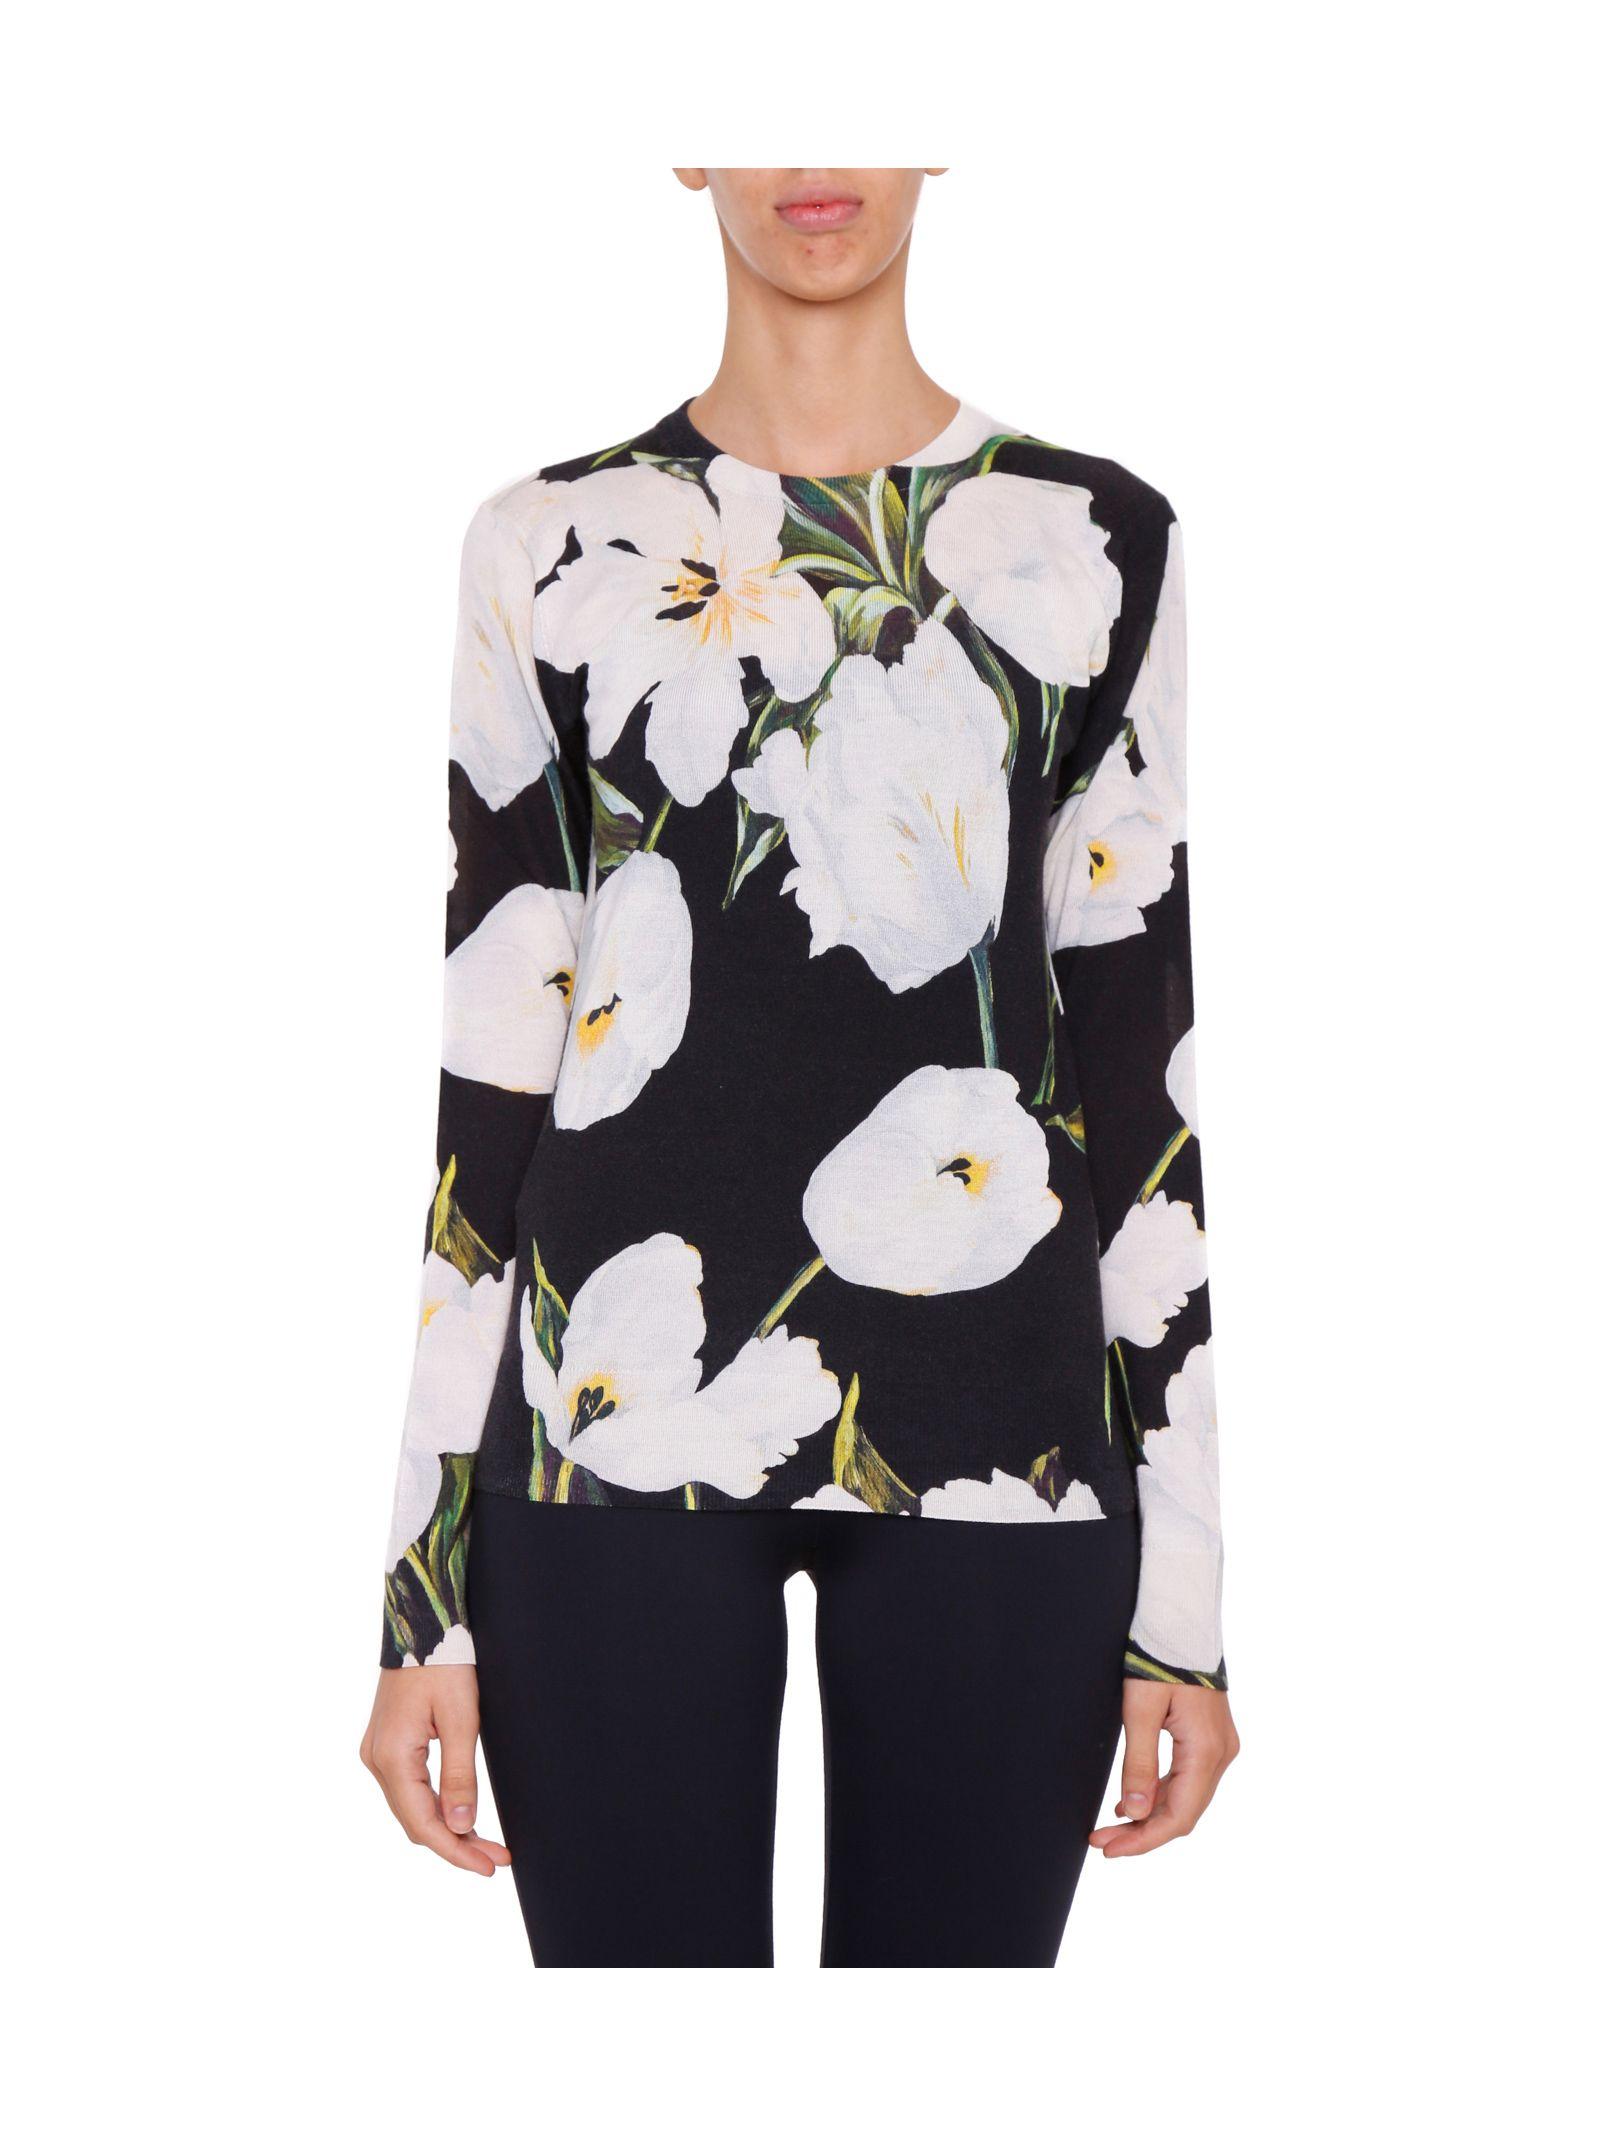 Pulover de damă DOLCE & GABBANA, din cașmir, cu imprimeu floral